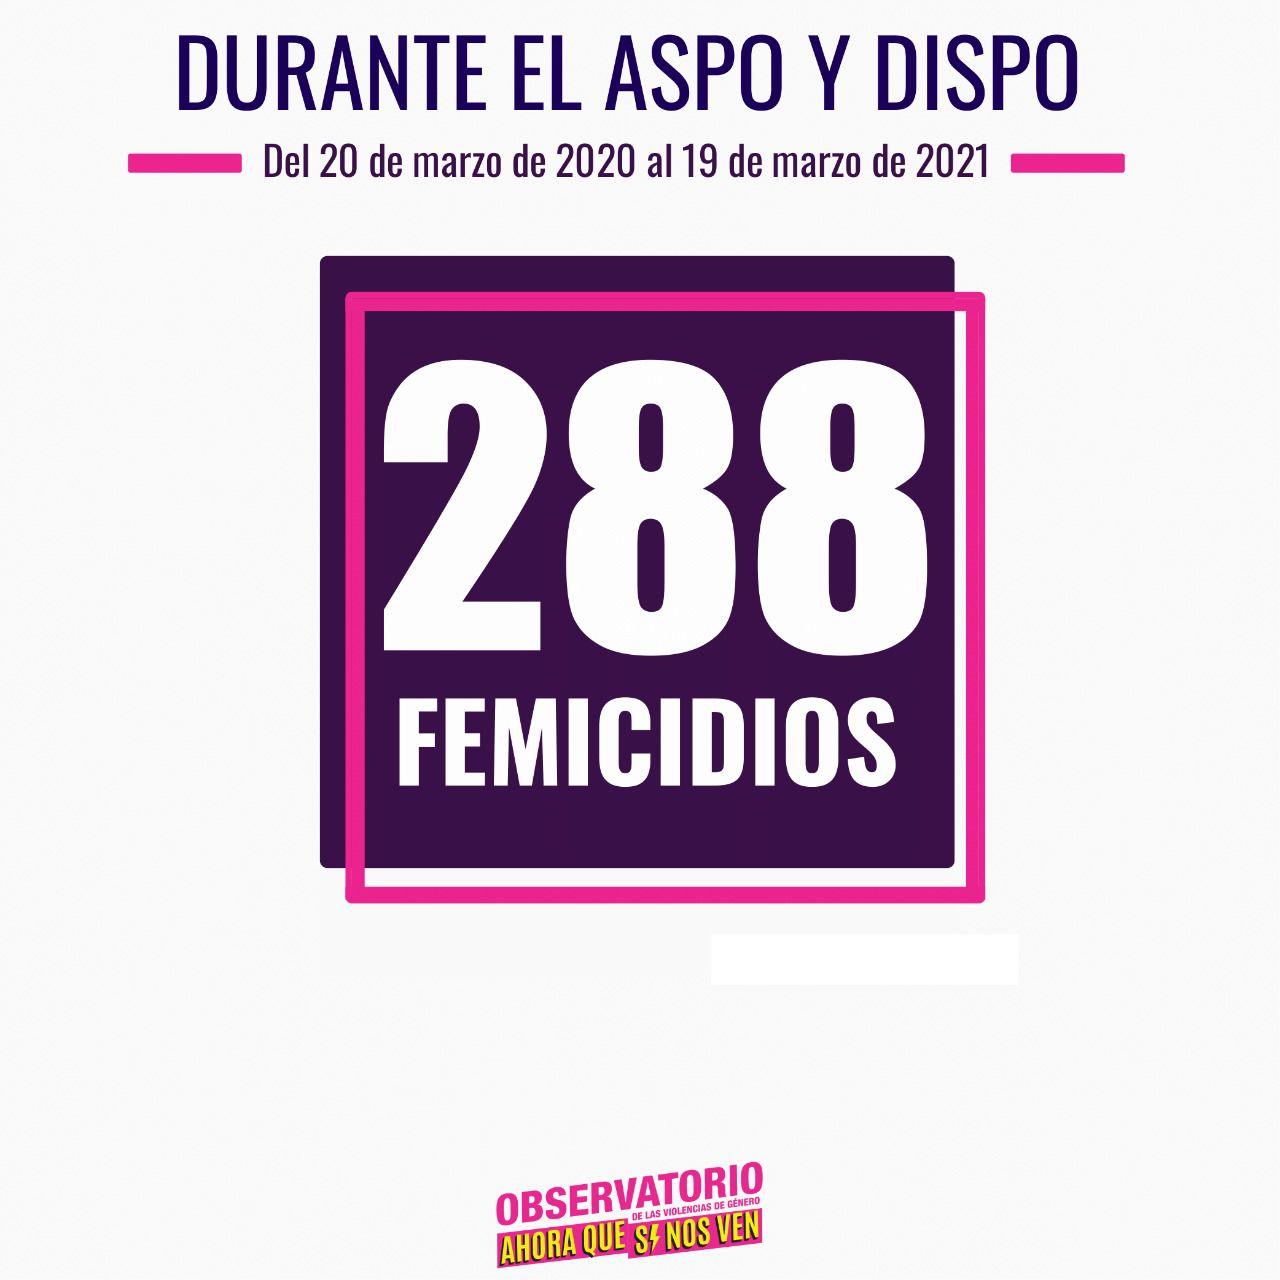 288 femicidios del 20 de marzo de 2020 al 19 de marzo de 2021